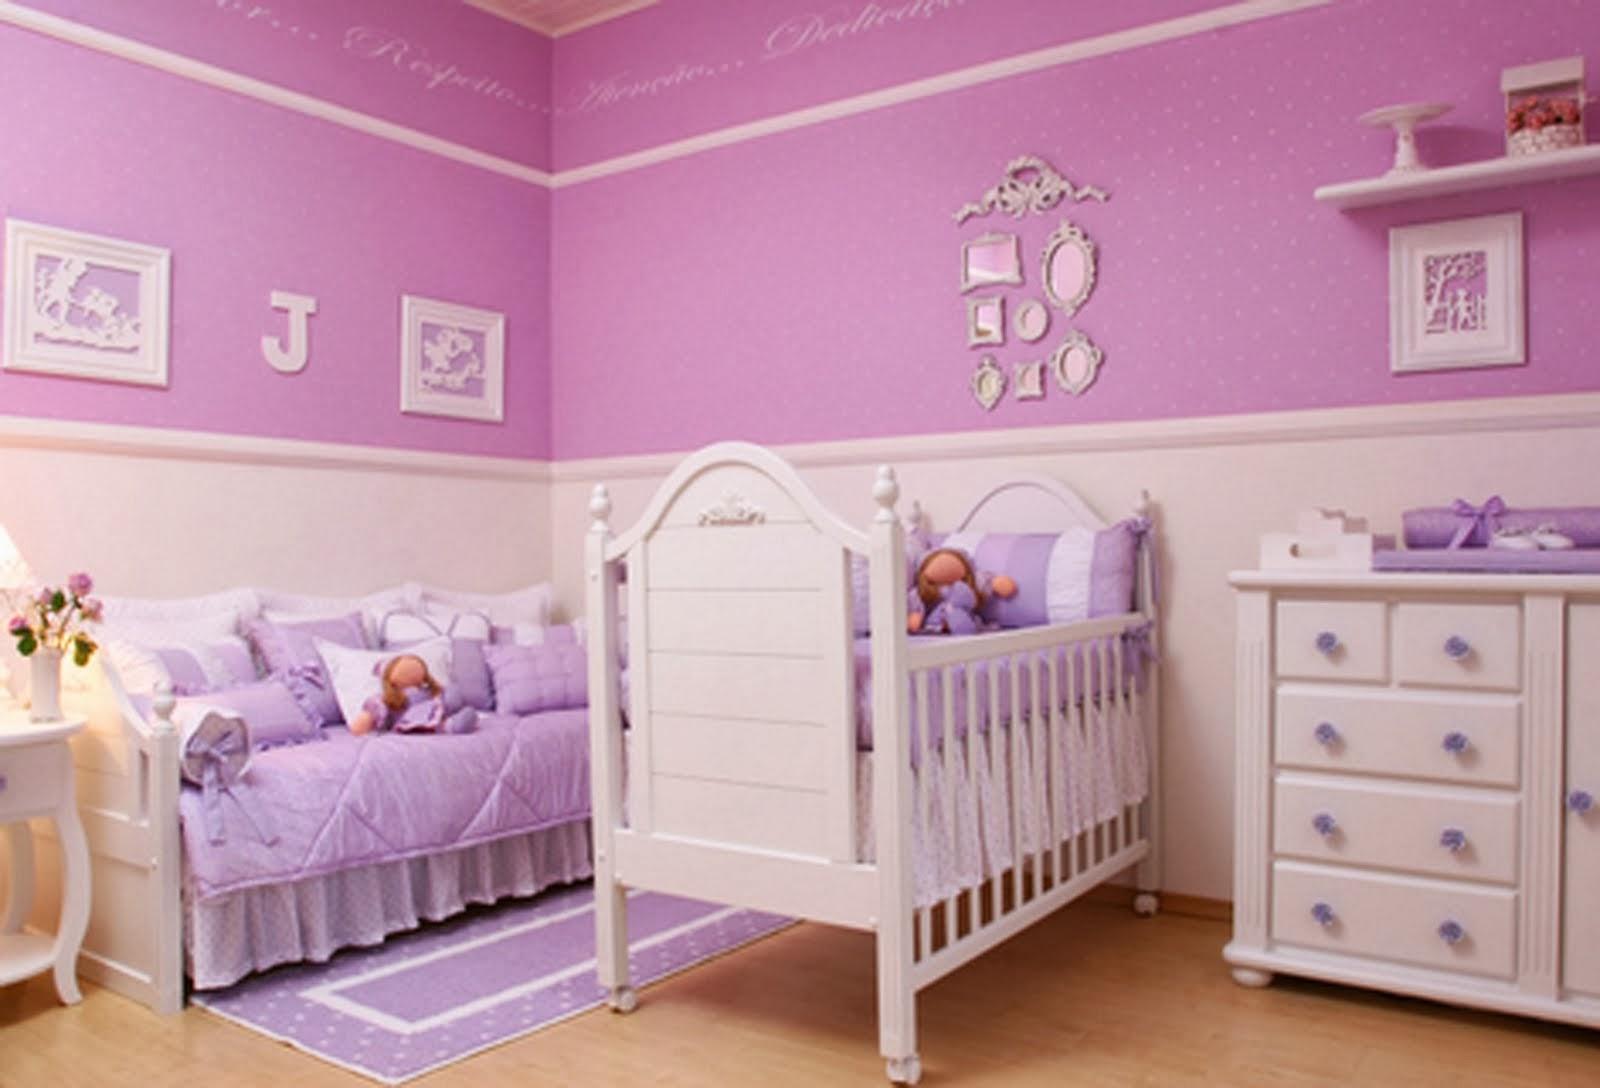 Bianca Soares Decoração quarto de bebê